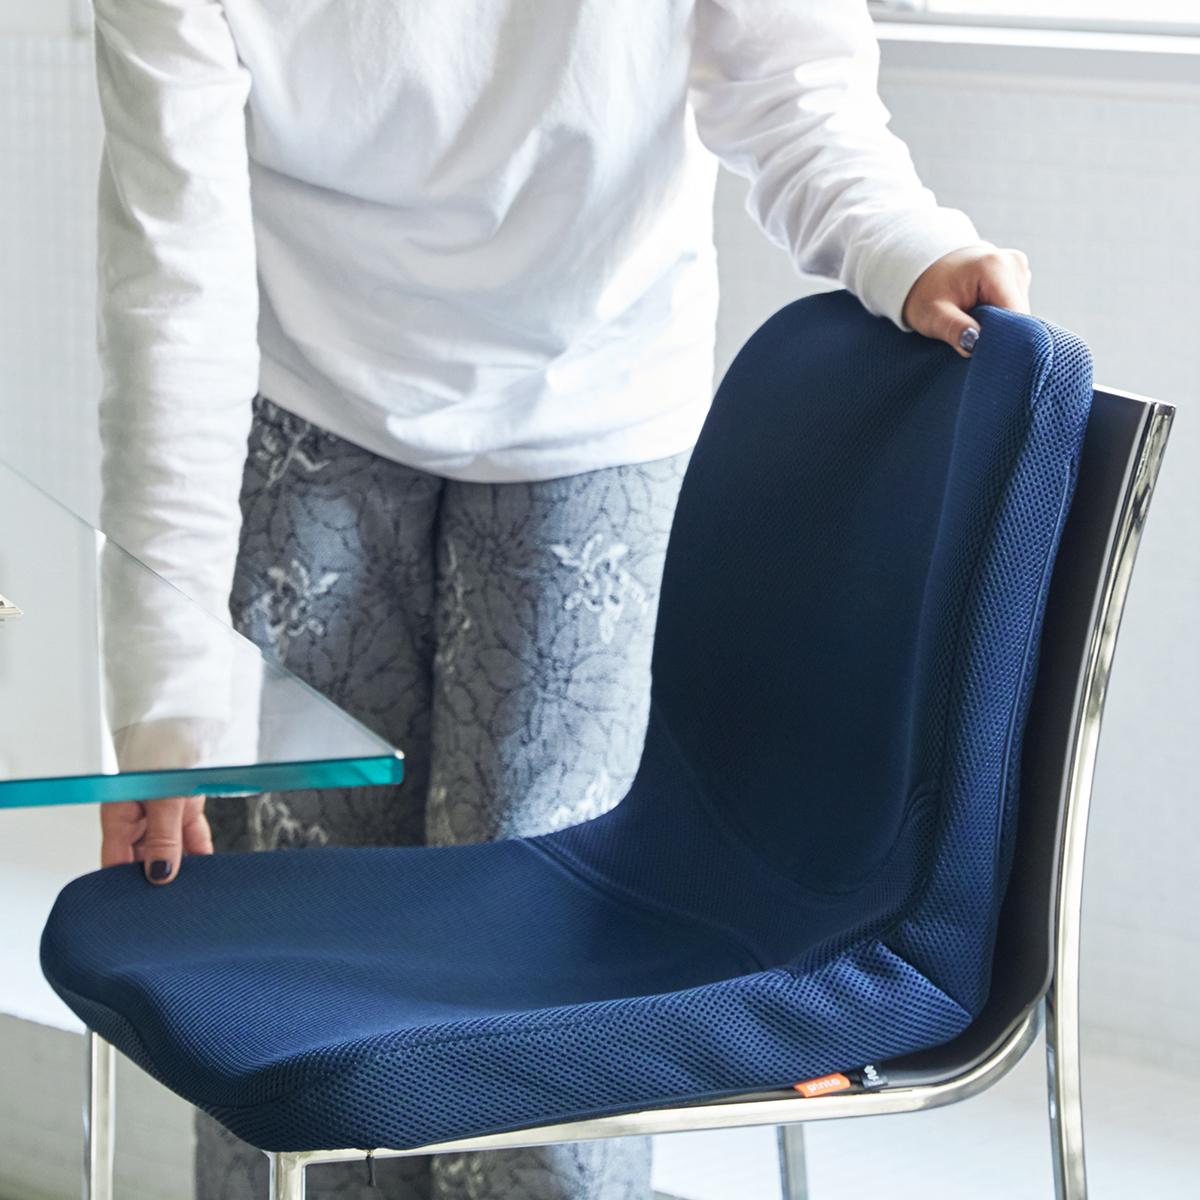 家のダイニングチェア、ソファ、座椅子、イスが変わる!驚くほど腰がラクなのに、正しい姿勢が習慣化する「チェアシート(椅子クッション)」|P!nto